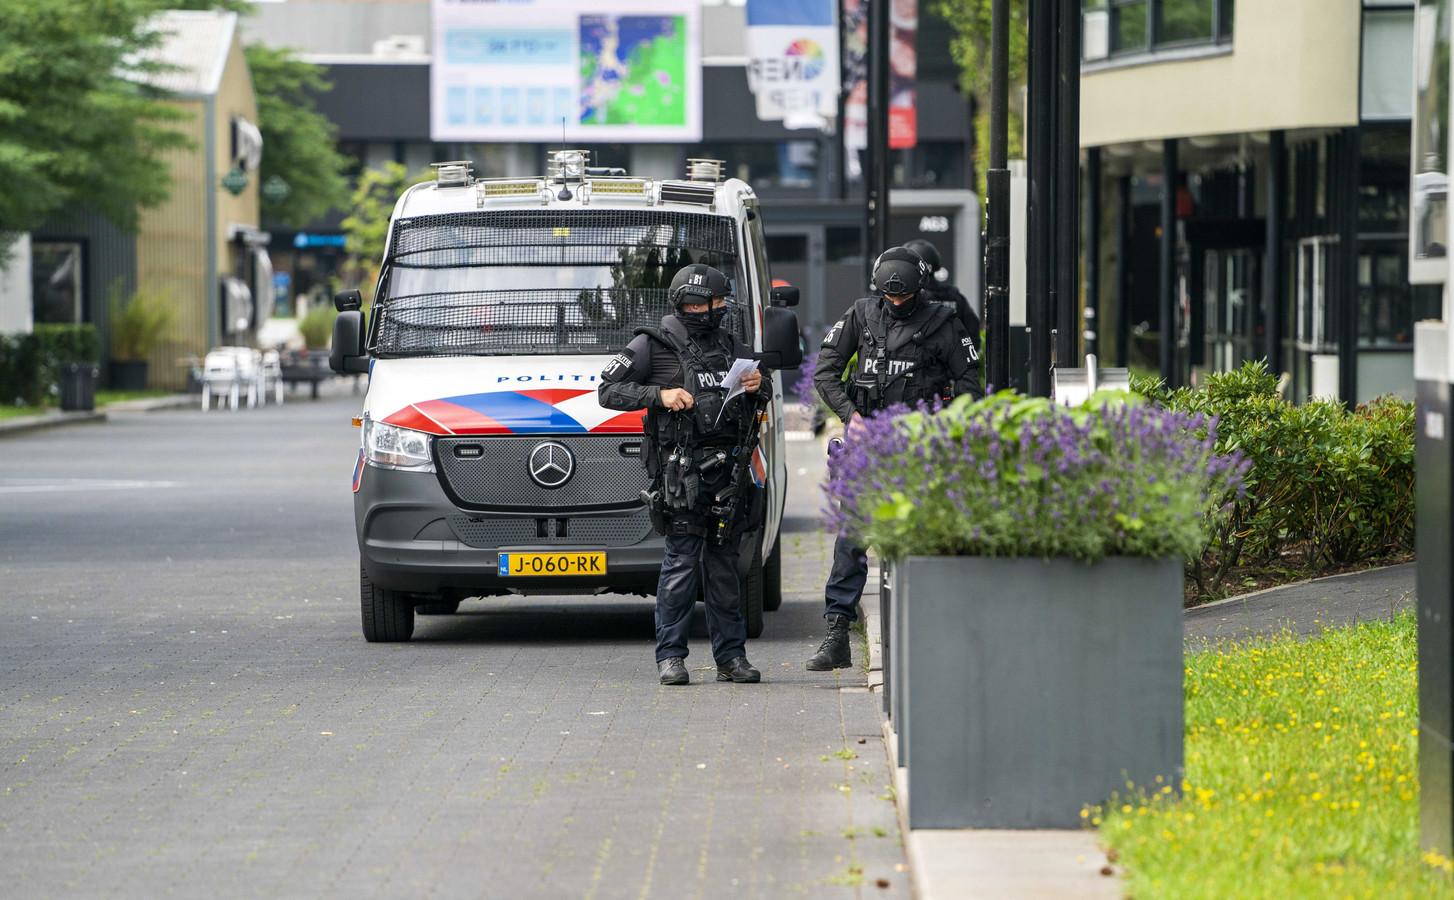 Le programme est désormais tourné à une trentaine de kilomètres au sud-est d'Amsterdam dans un lieu sécurisé.